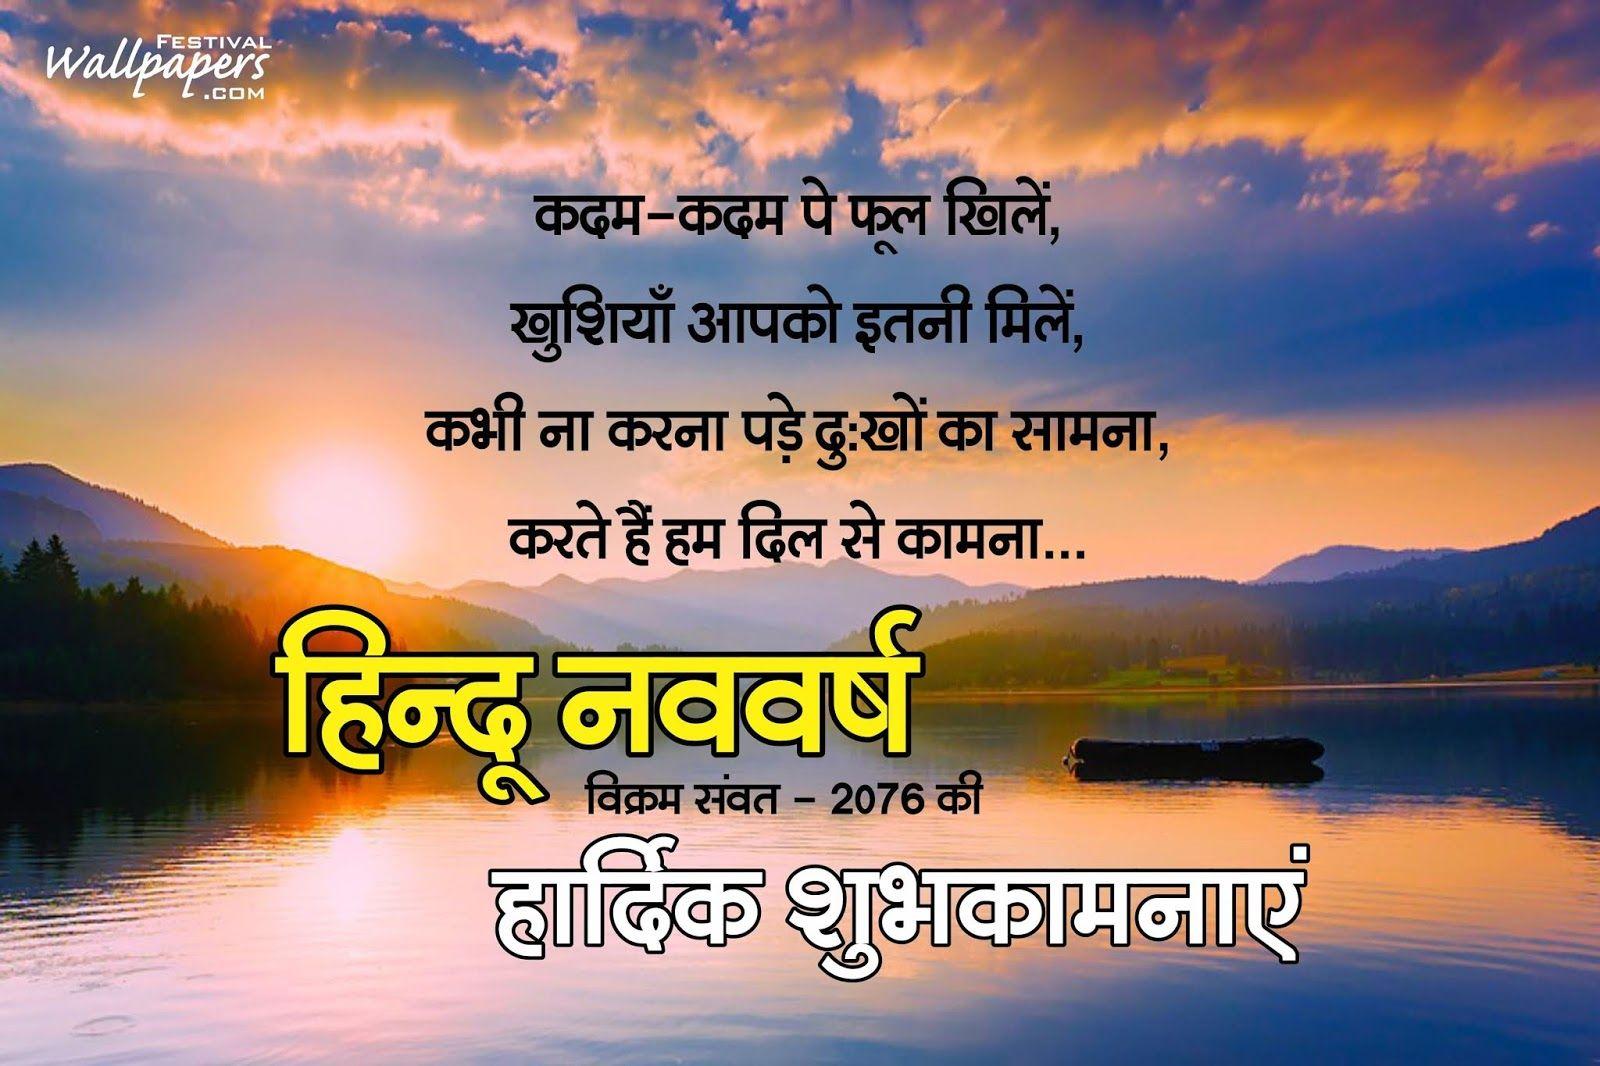 Hindu Nav Varsh 2019 Wishes in Hindi Hindu nav varsh